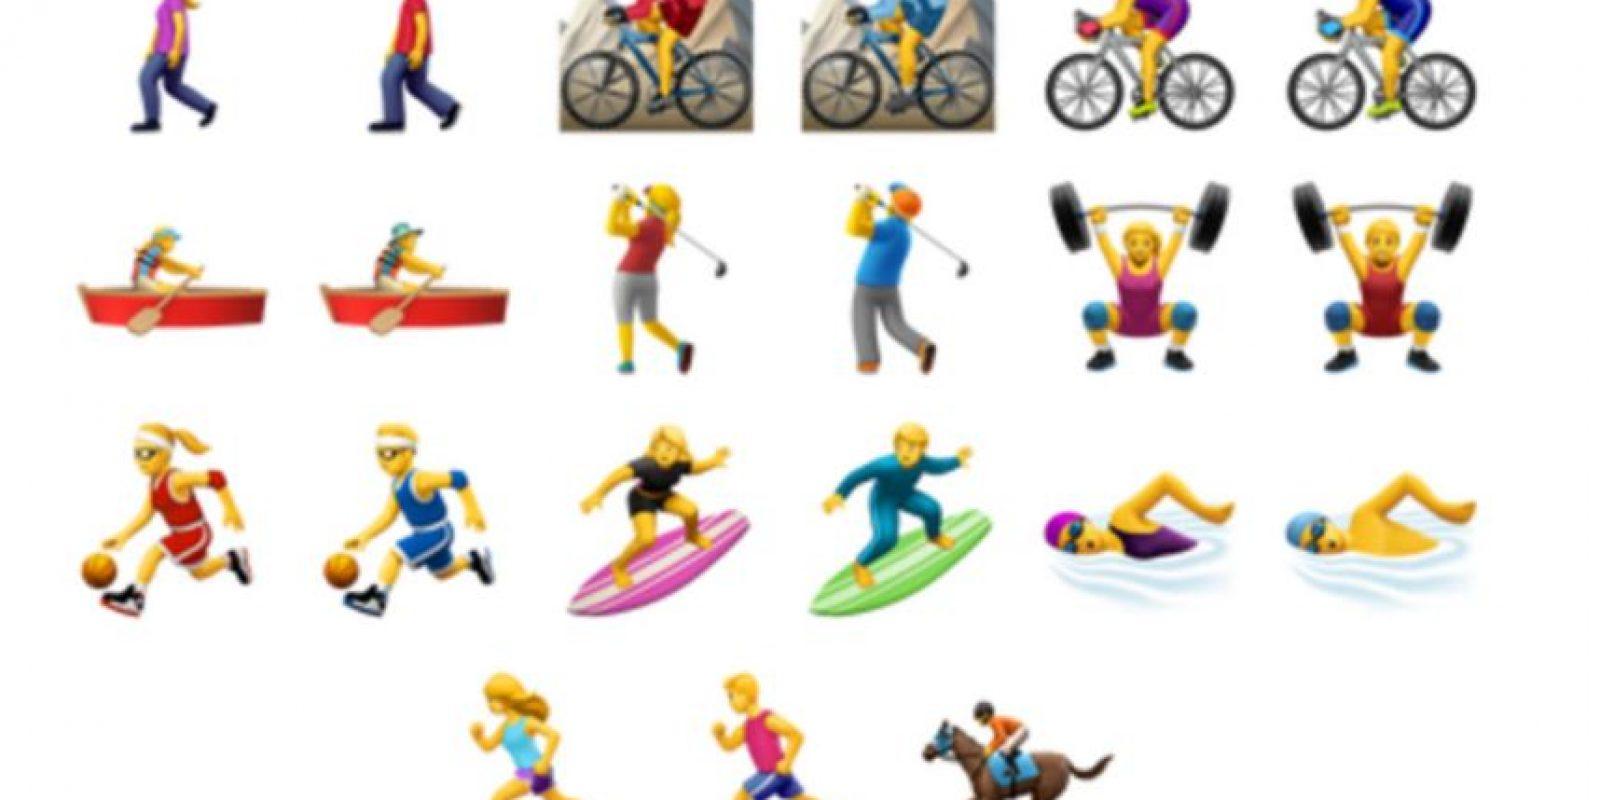 Además añadieron emojis mujeres. Foto:Apple. Imagen Por: